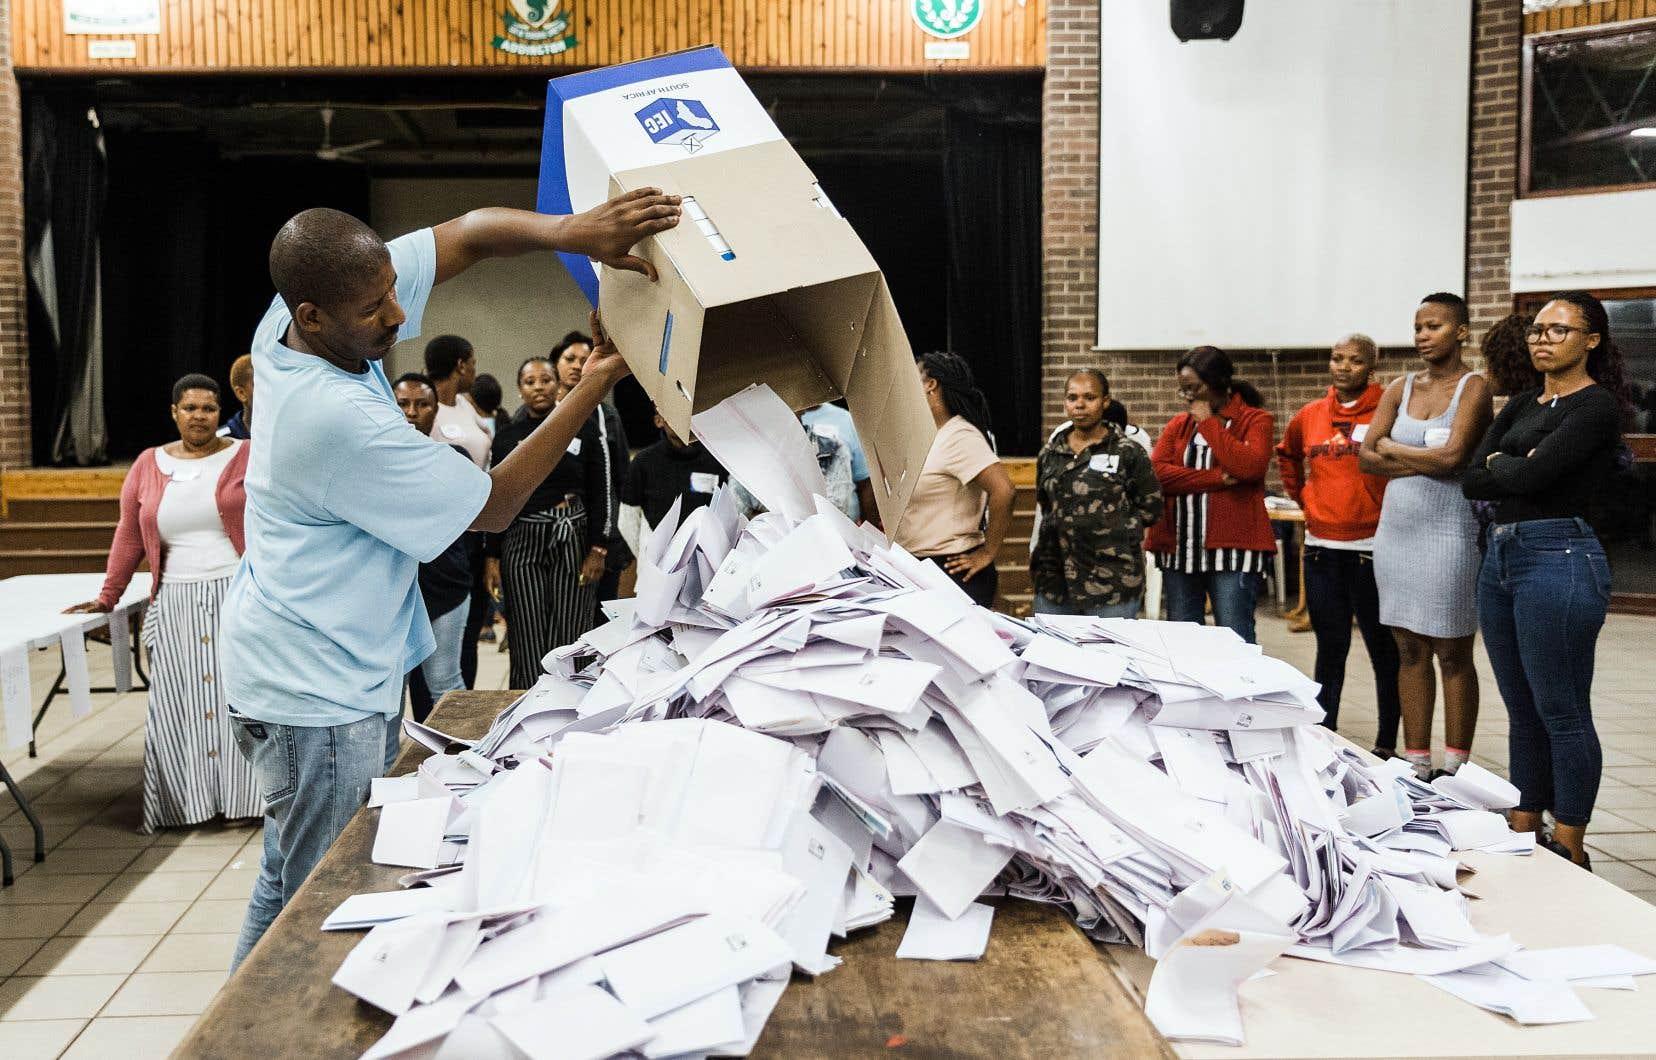 Les premières tendances fiables du scrutin devraient être publiées par la Commission électorale (IEC) dès jeudi.